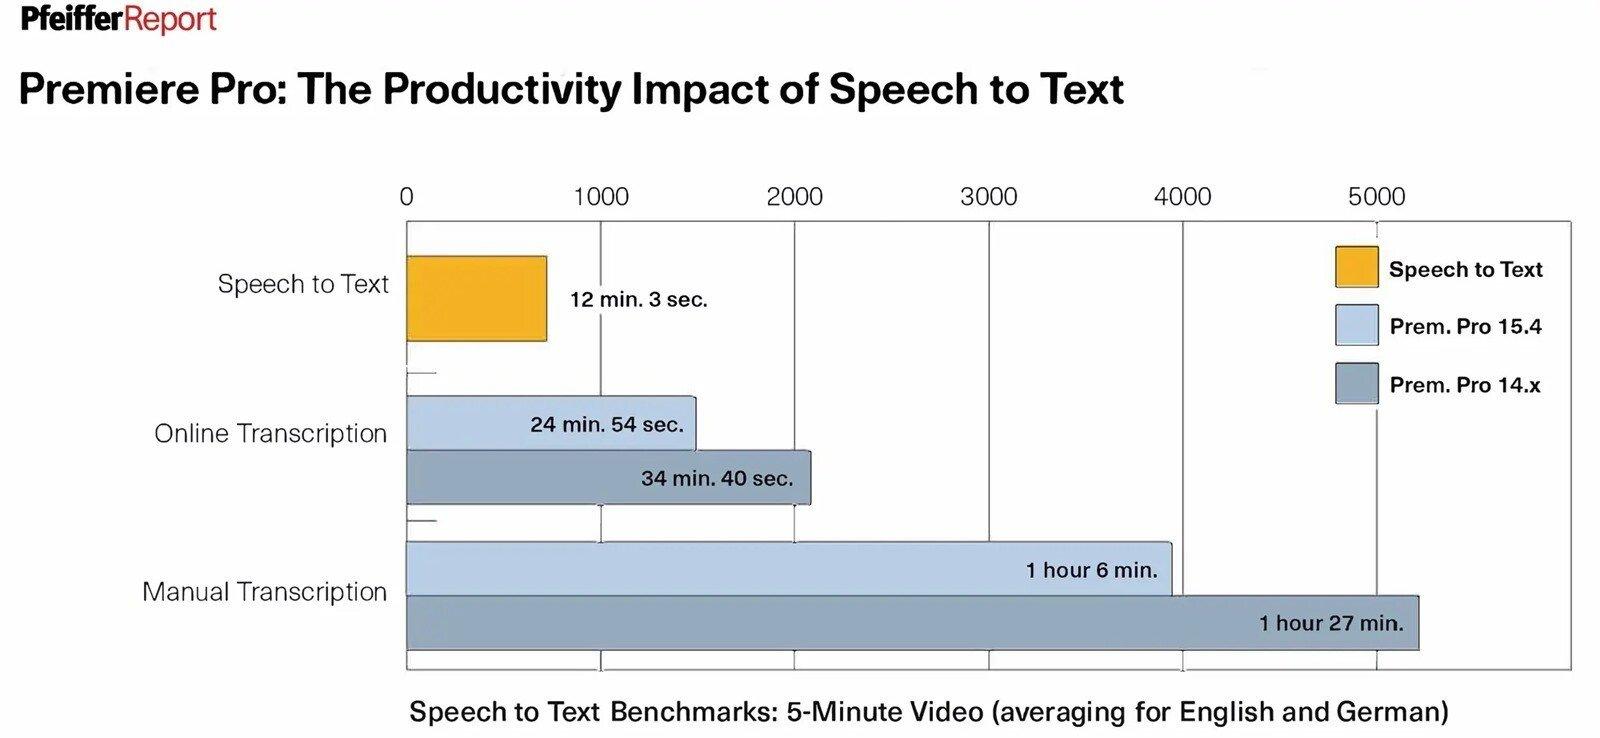 【新聞圖片二】Pfeiffer 報告顯示語音轉文字功能可大幅降低字幕工作流程所需的時間_thumb.jpg @3C 達人廖阿輝